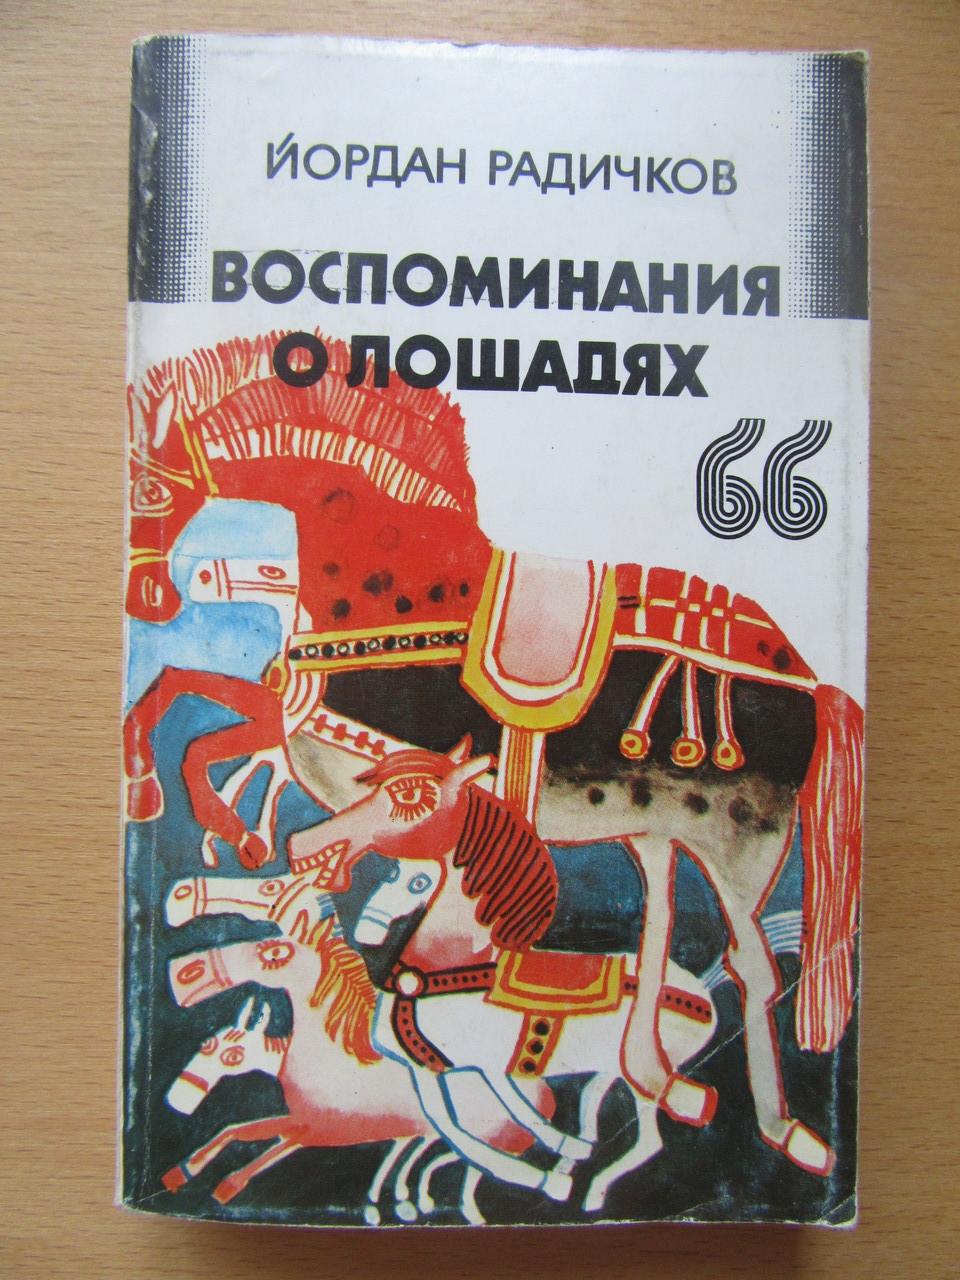 Йордан Радичков. Воспоминания о лошадях